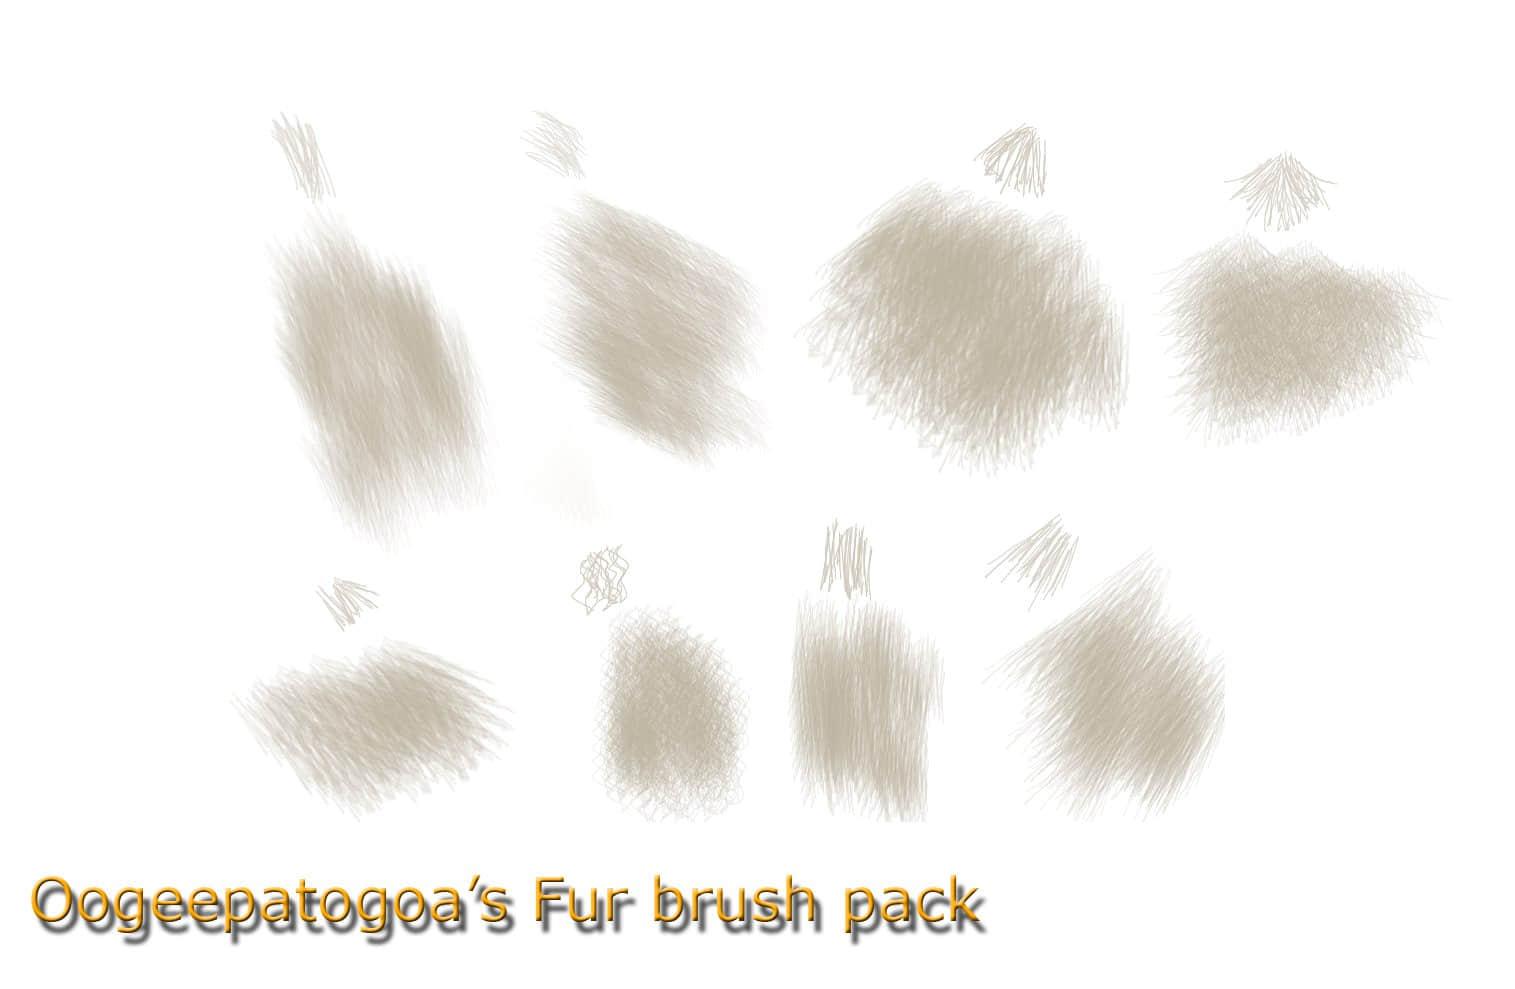 8种不同卷曲、不同细密度得毛发、绒毛Photoshop笔刷下载